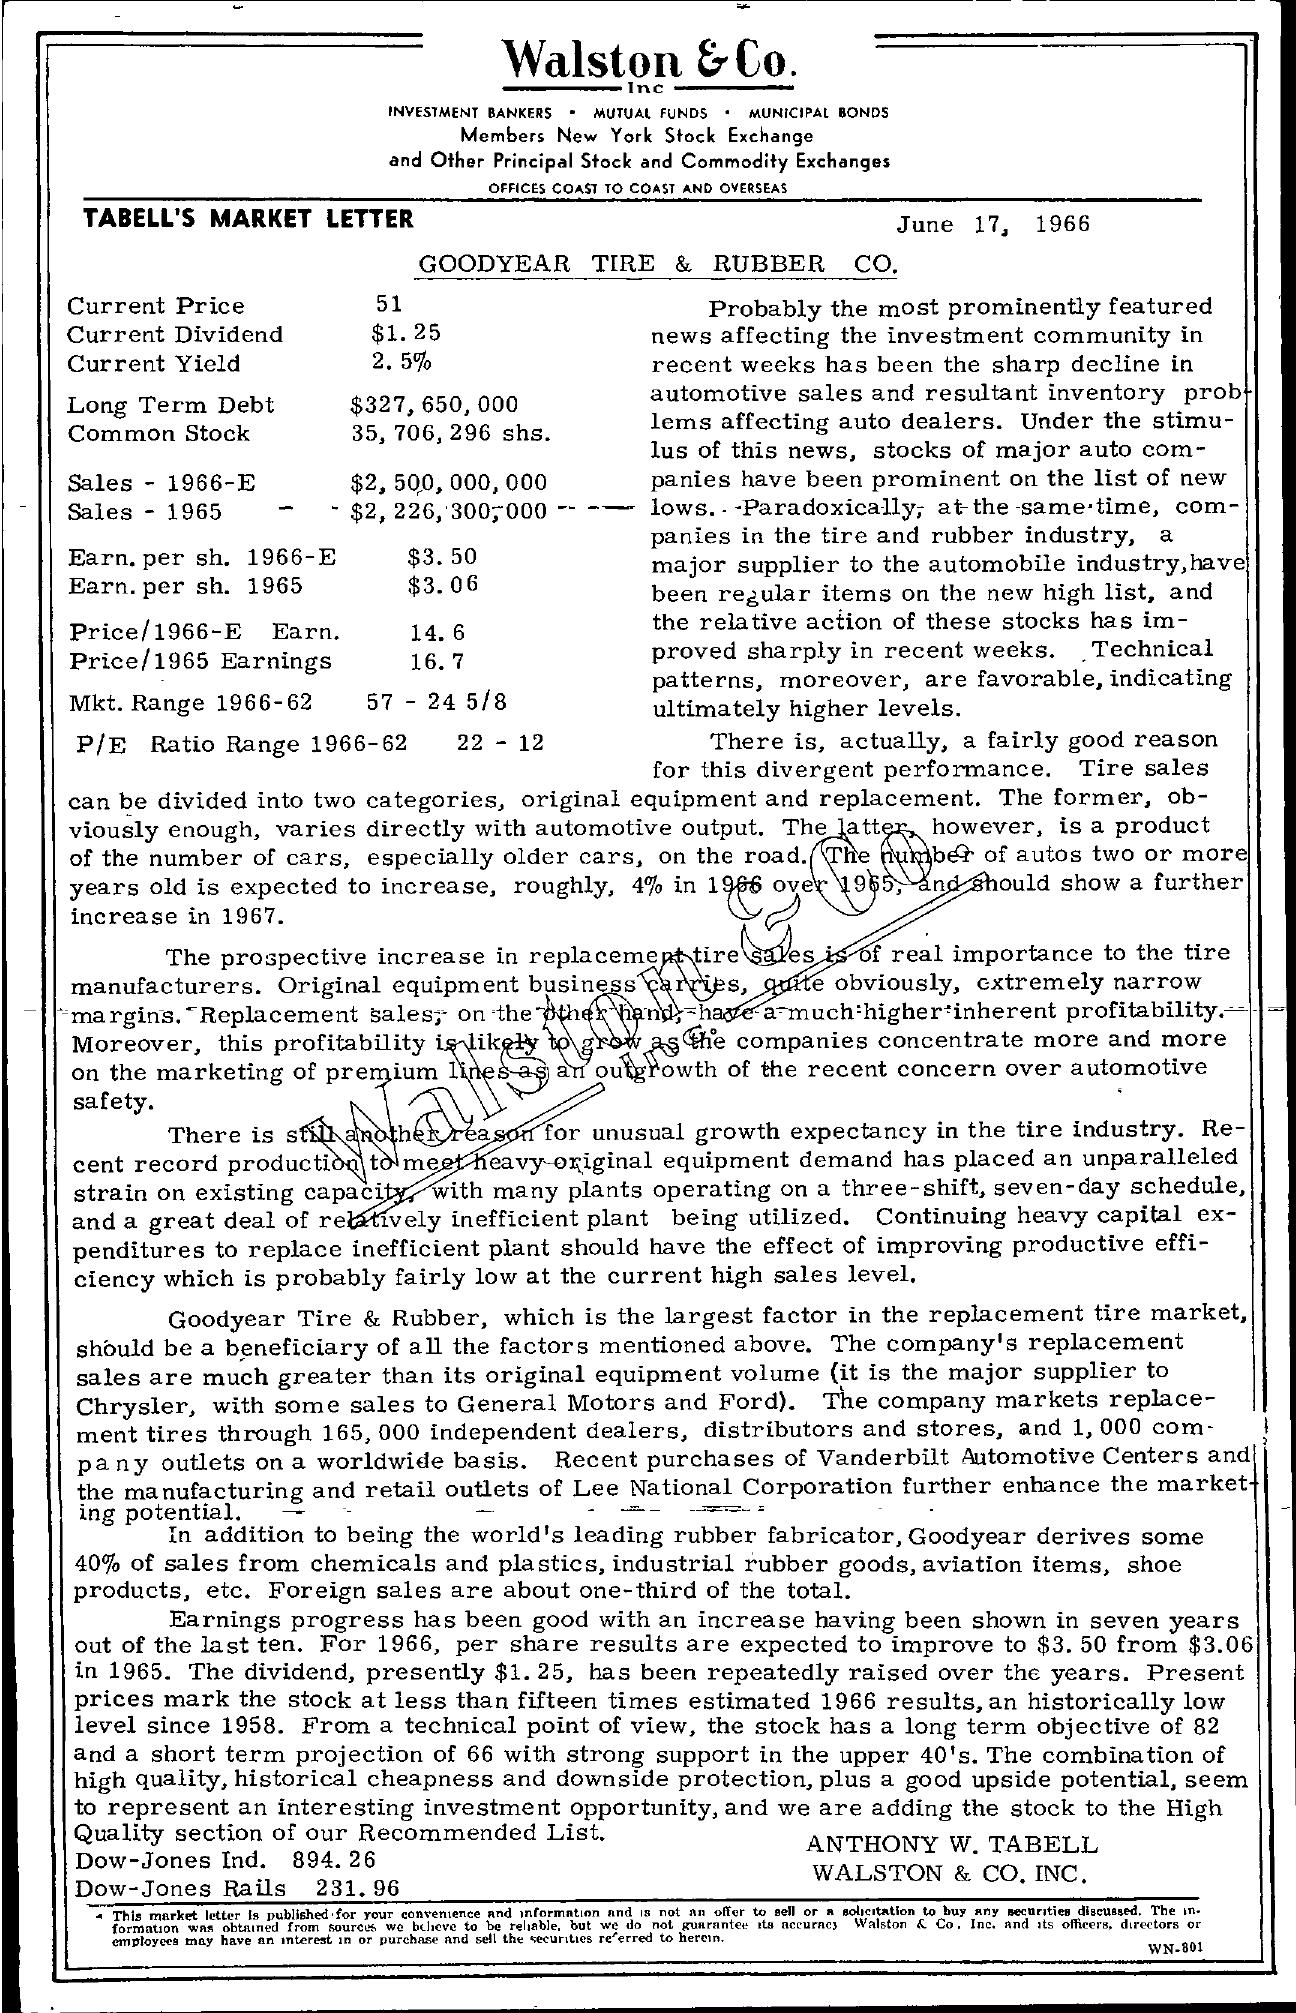 Tabell's Market Letter - June 17, 1966